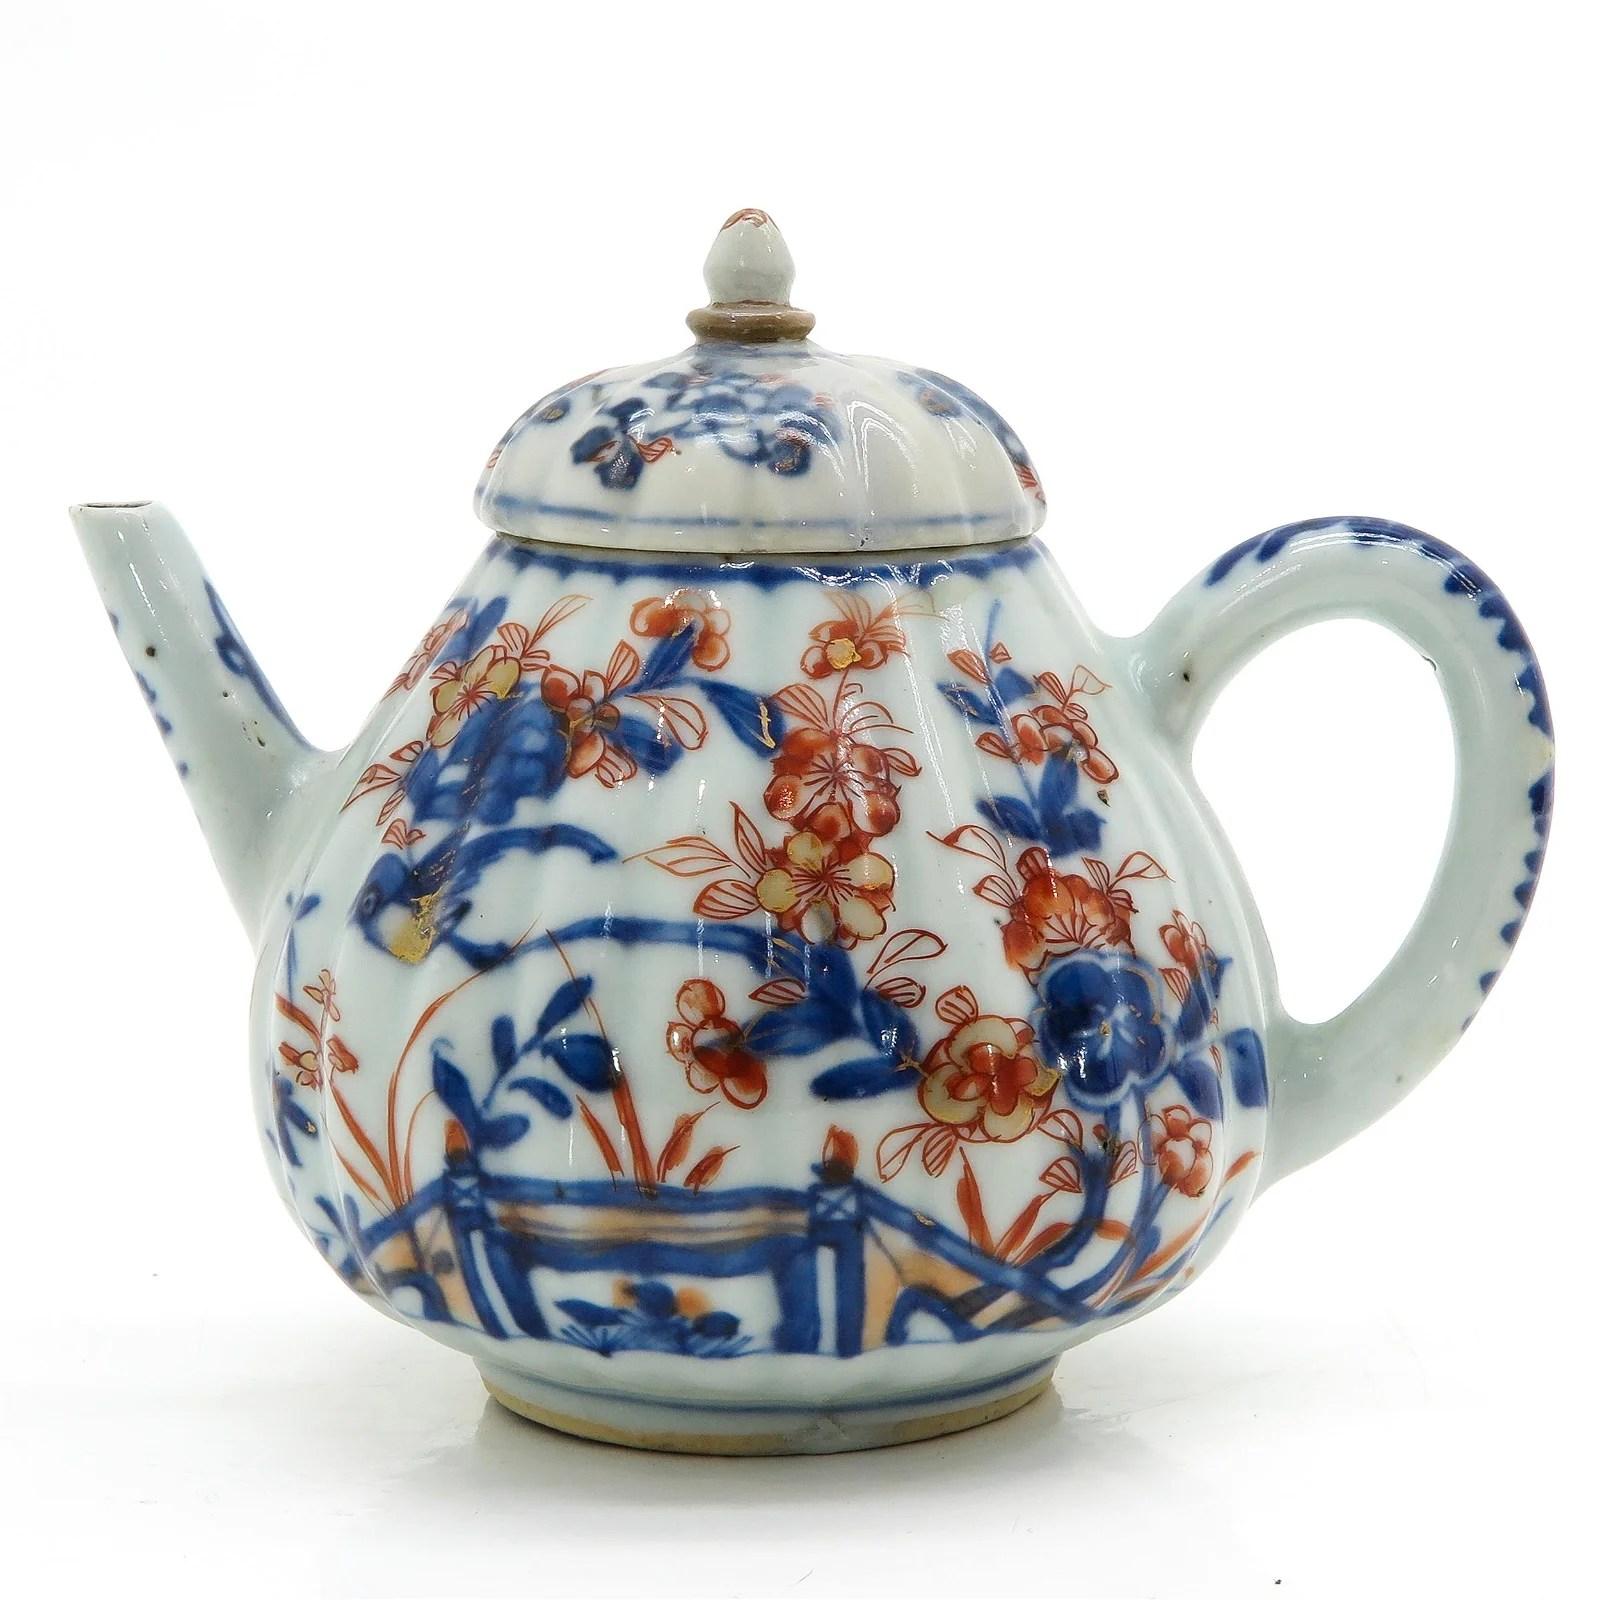 An Imari Teapot